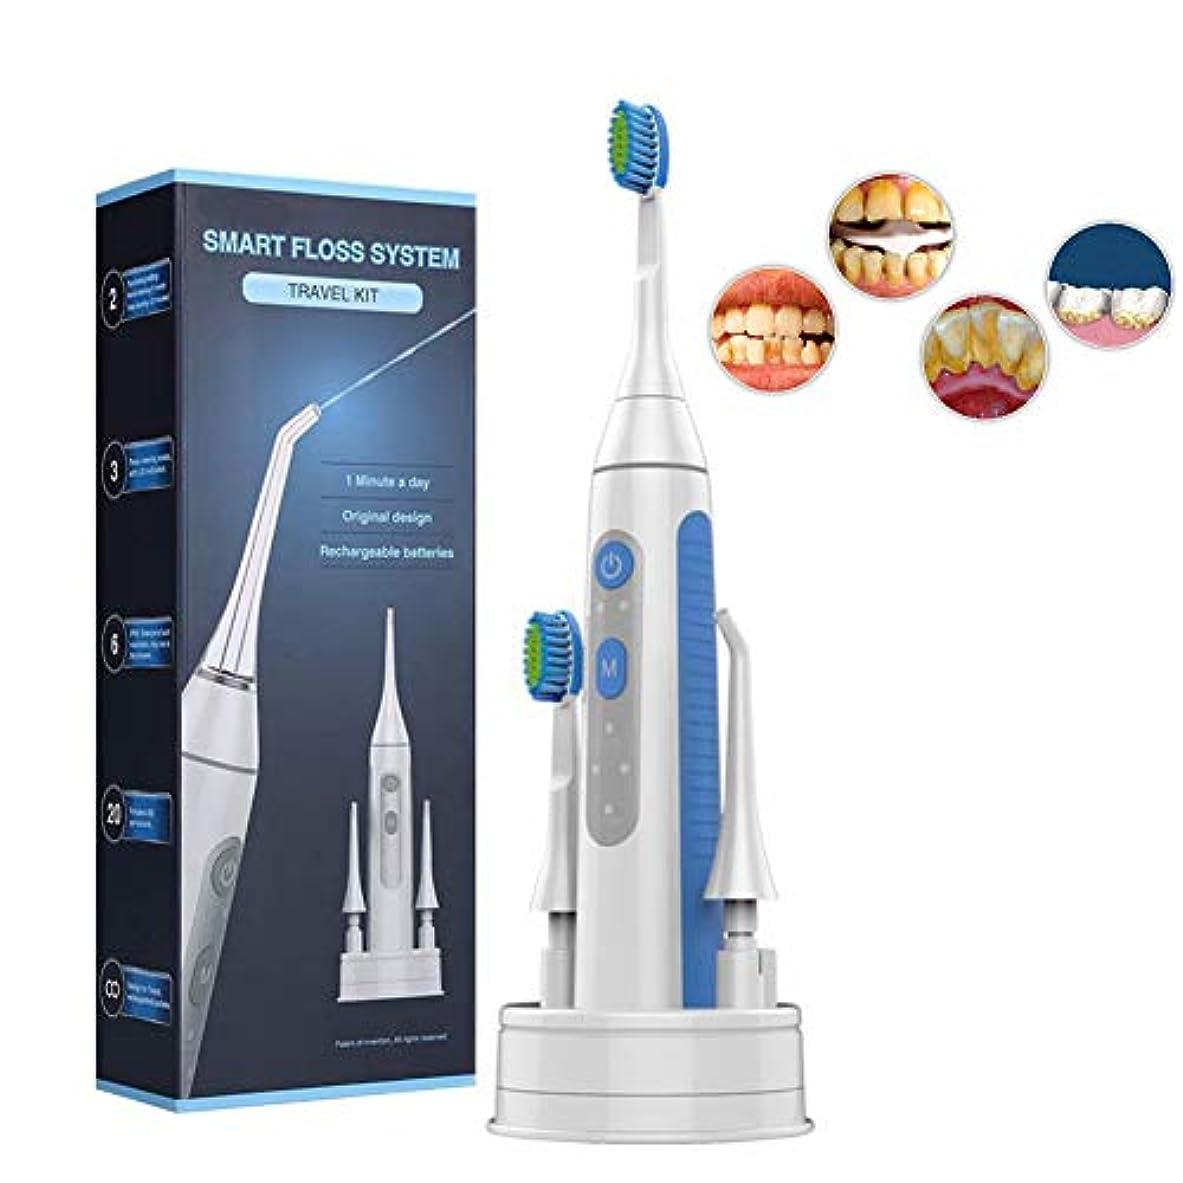 アブセイ直面する怒る超音波電動歯サーファー、2 in 1口腔ケア歯磨き粉機器ホームポータブルウォーターフロス歯のクリーニング機3モード大人と子供に適して,Blue